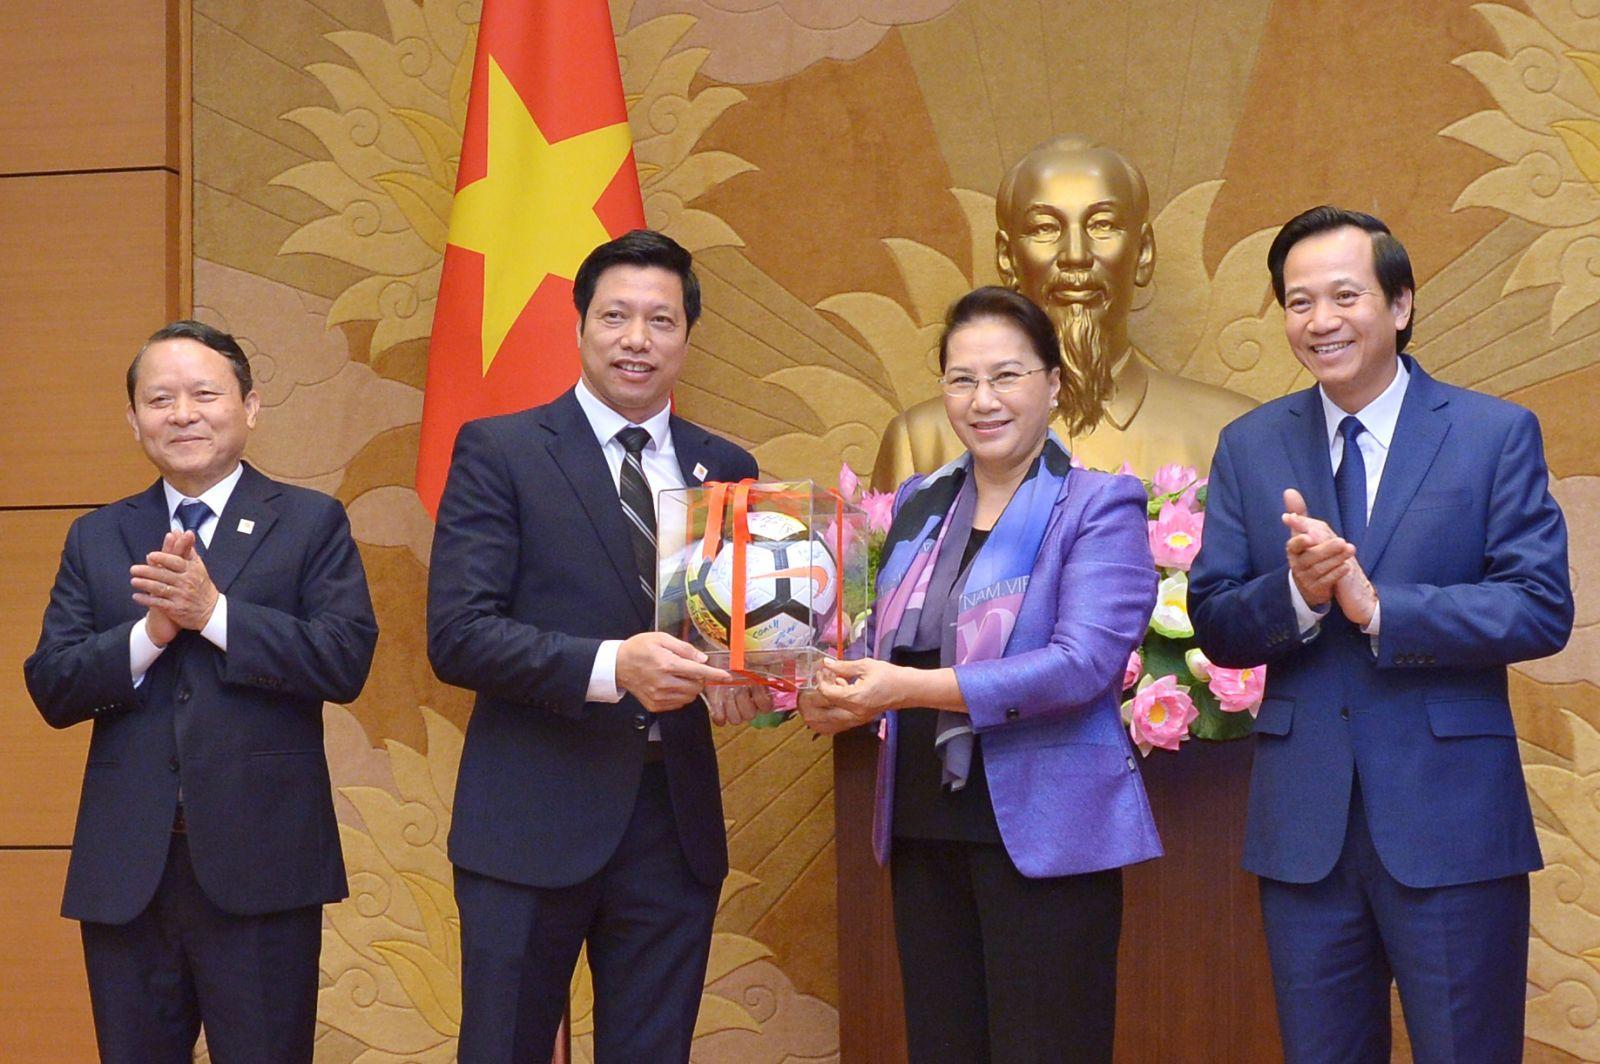 Chủ tịch Quốc hội Nguyễn Thị Kim Ngân tặng quà cho Văn Phú – Invest với những đóng góp vì cộng đồng.